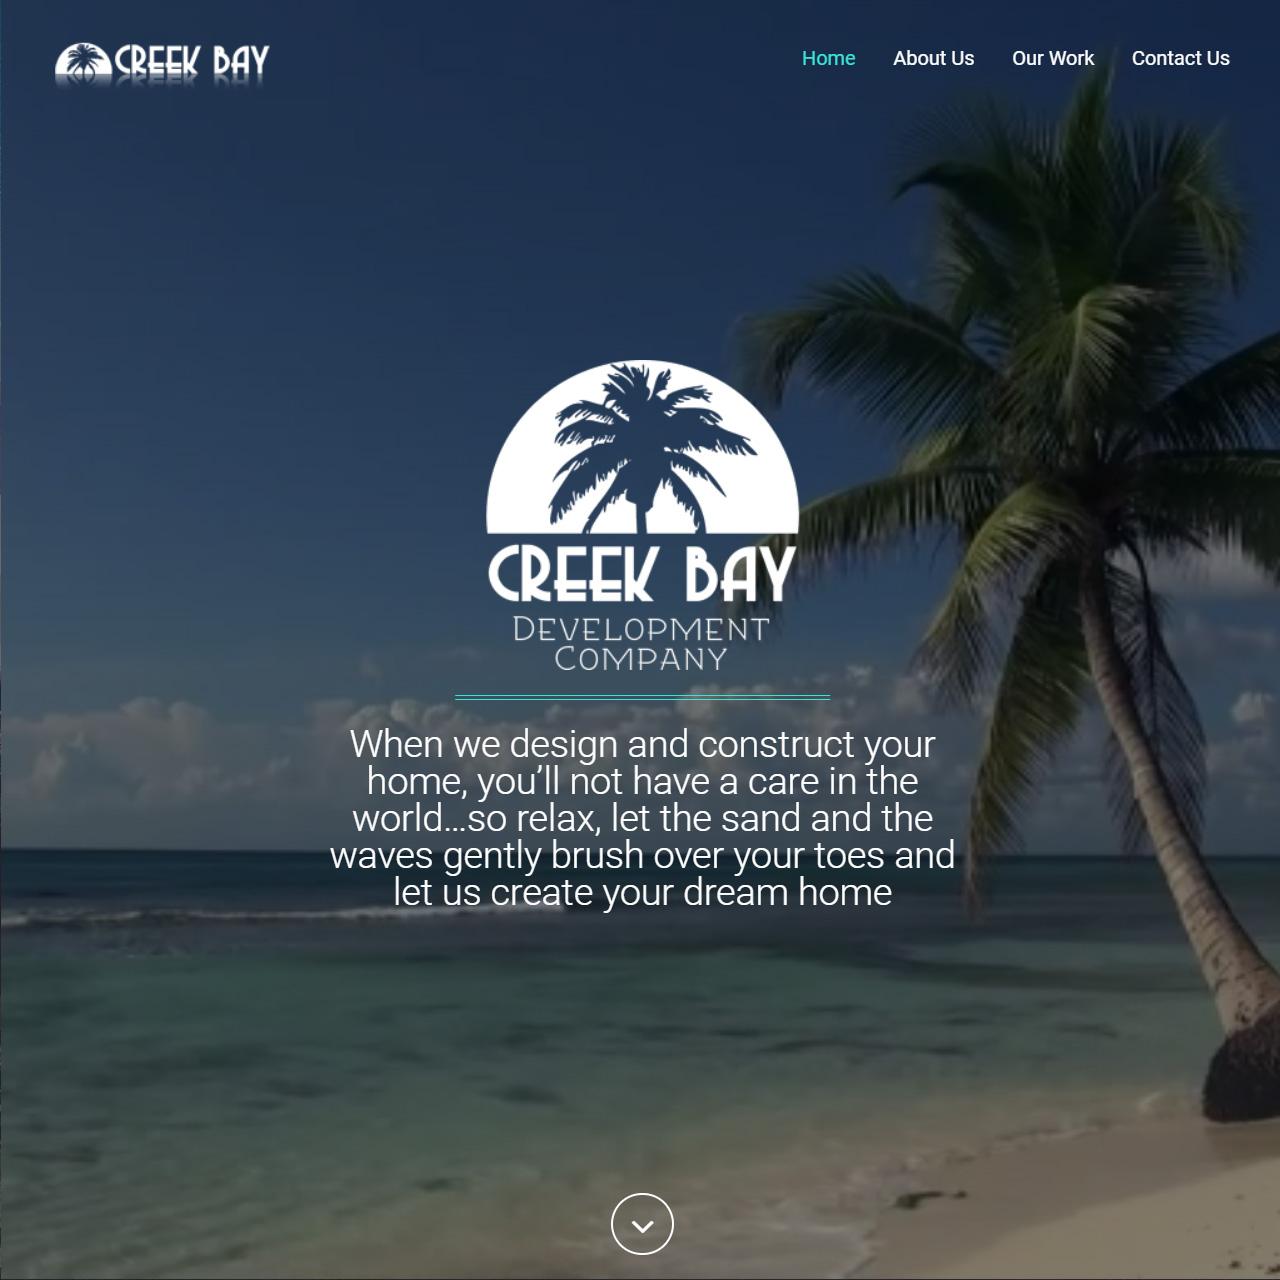 Creek Bay Development